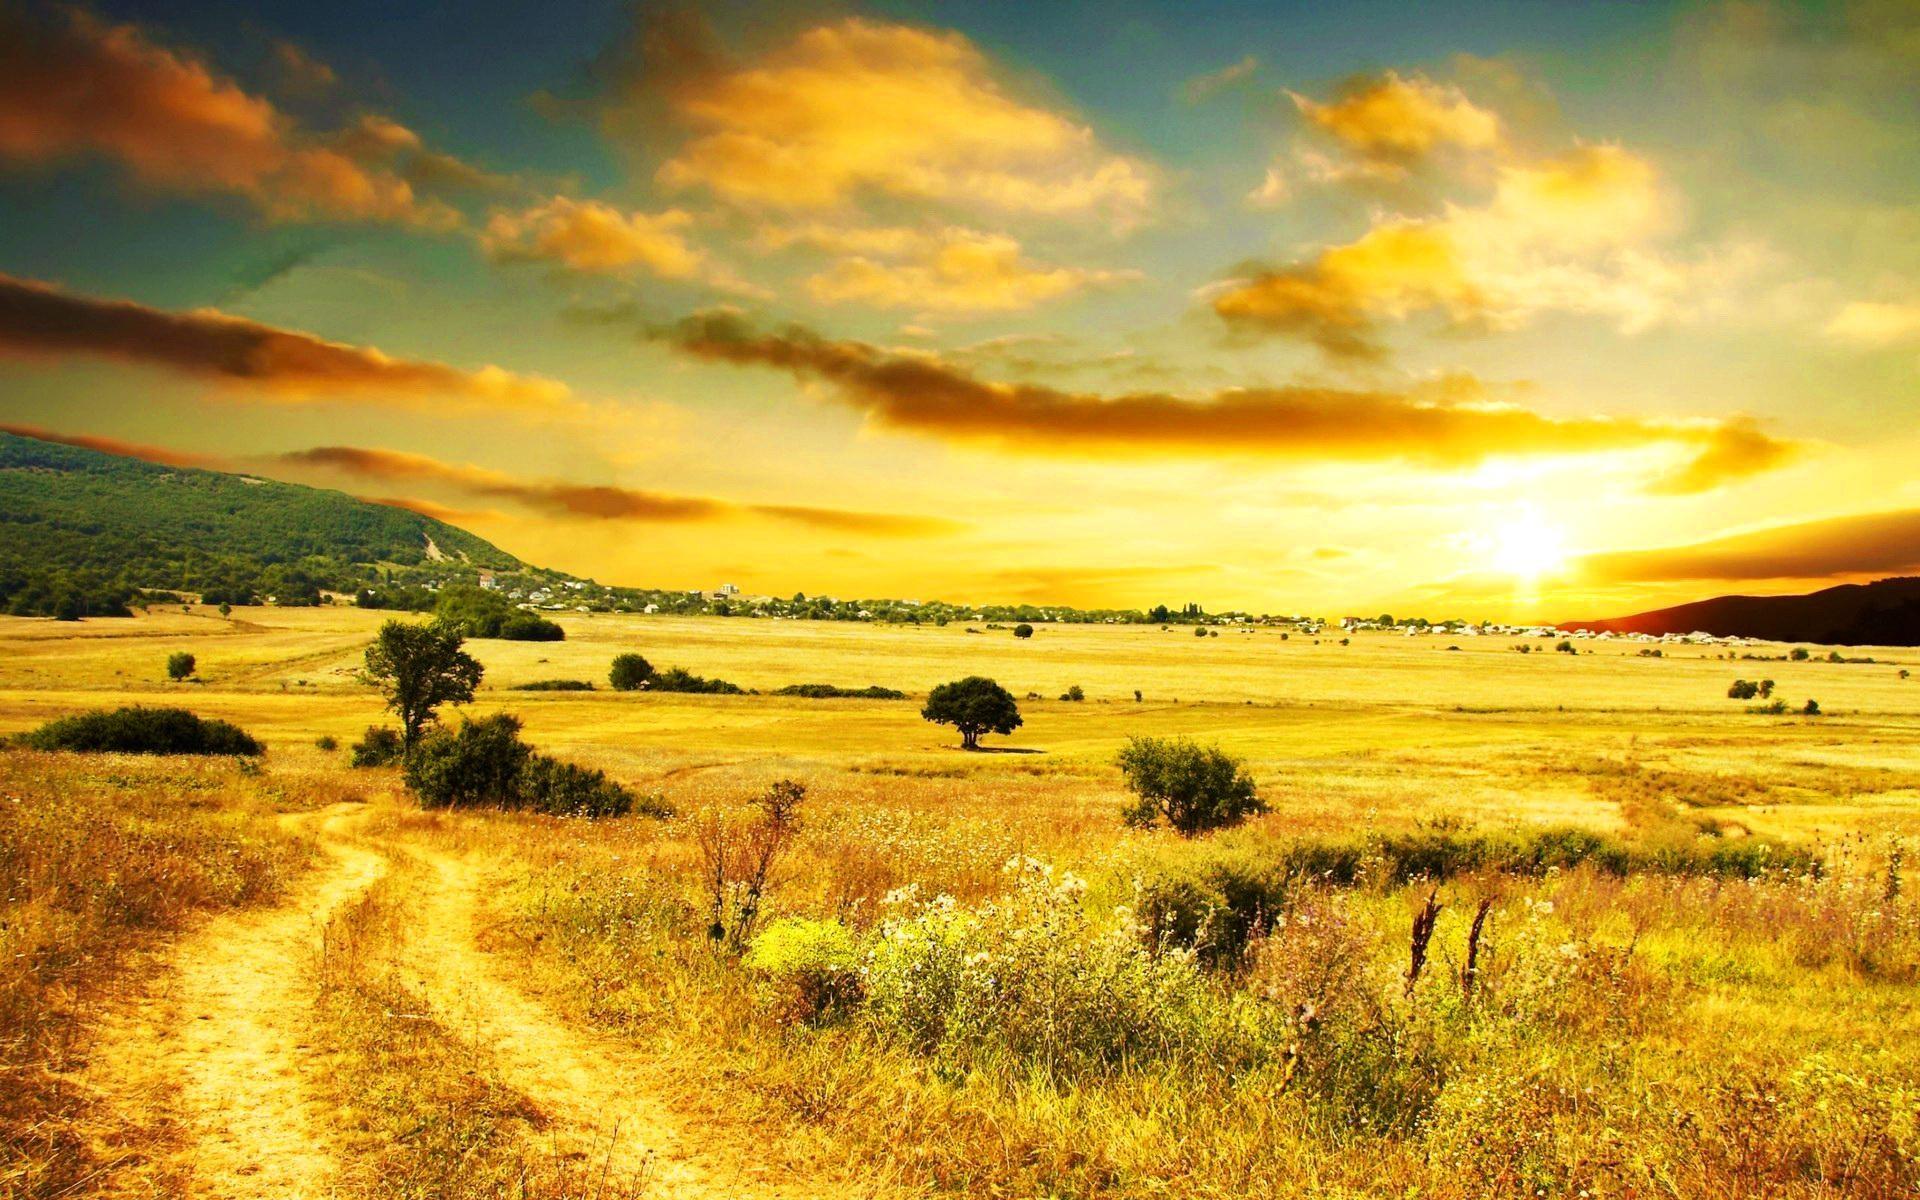 Sunrise, Country, Field, Wallpaper, Desktop Wallpapers, Cool, Landscape  Wallpaper,